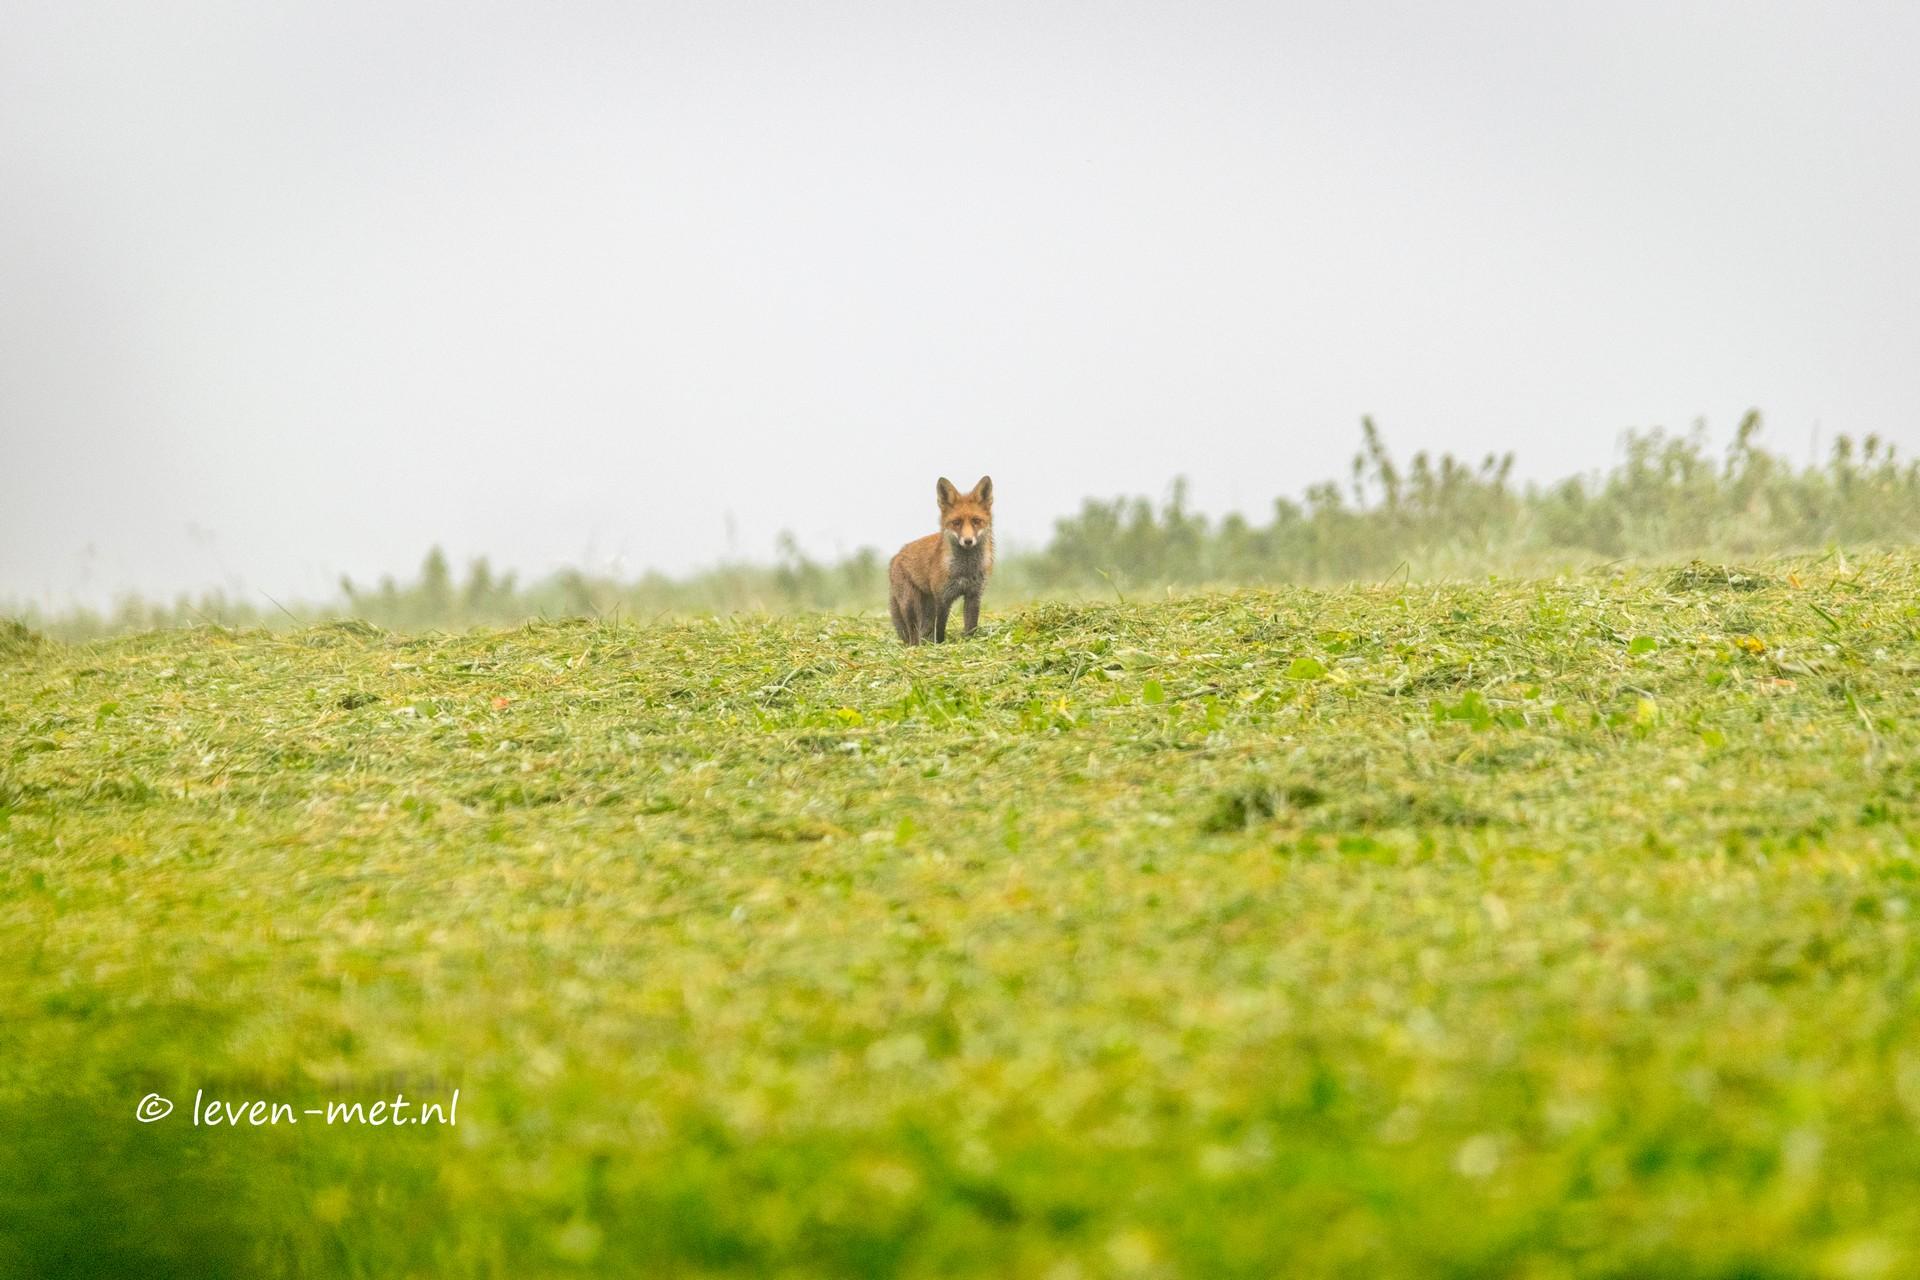 Vos uit de mist en het Oostvaardersbos